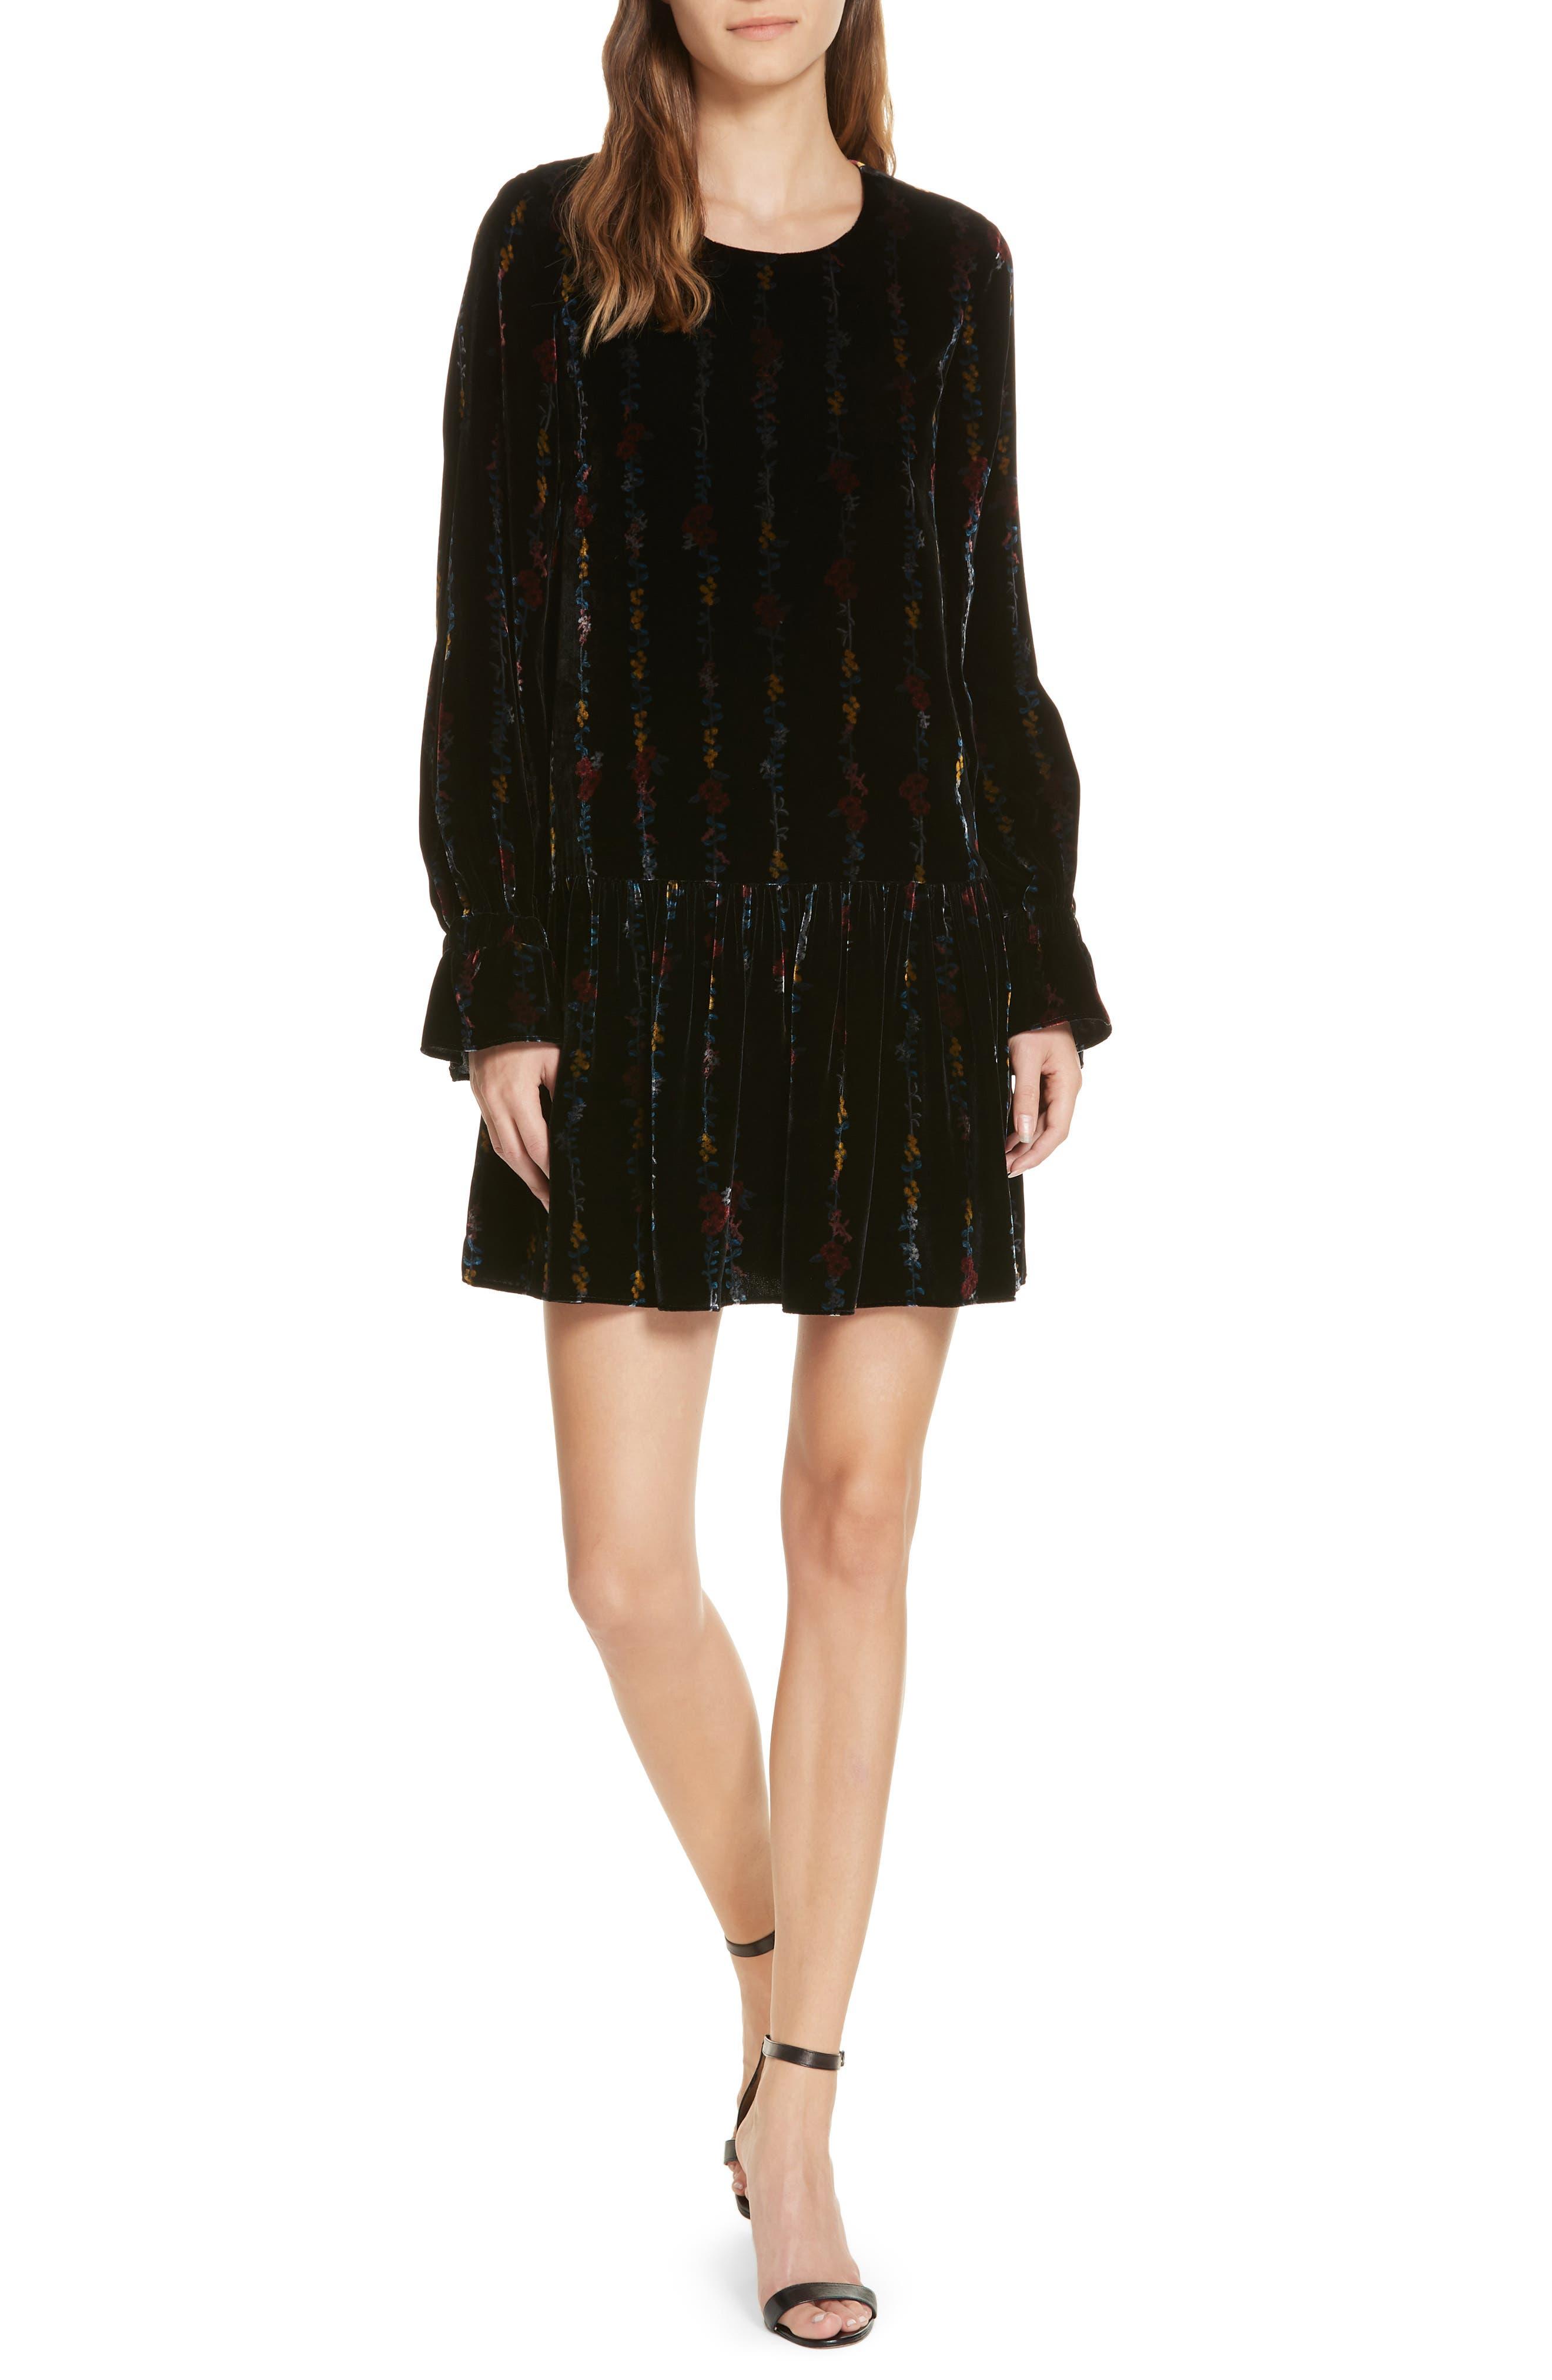 Milly Winter Floral Quinn Velvet Dress, Black